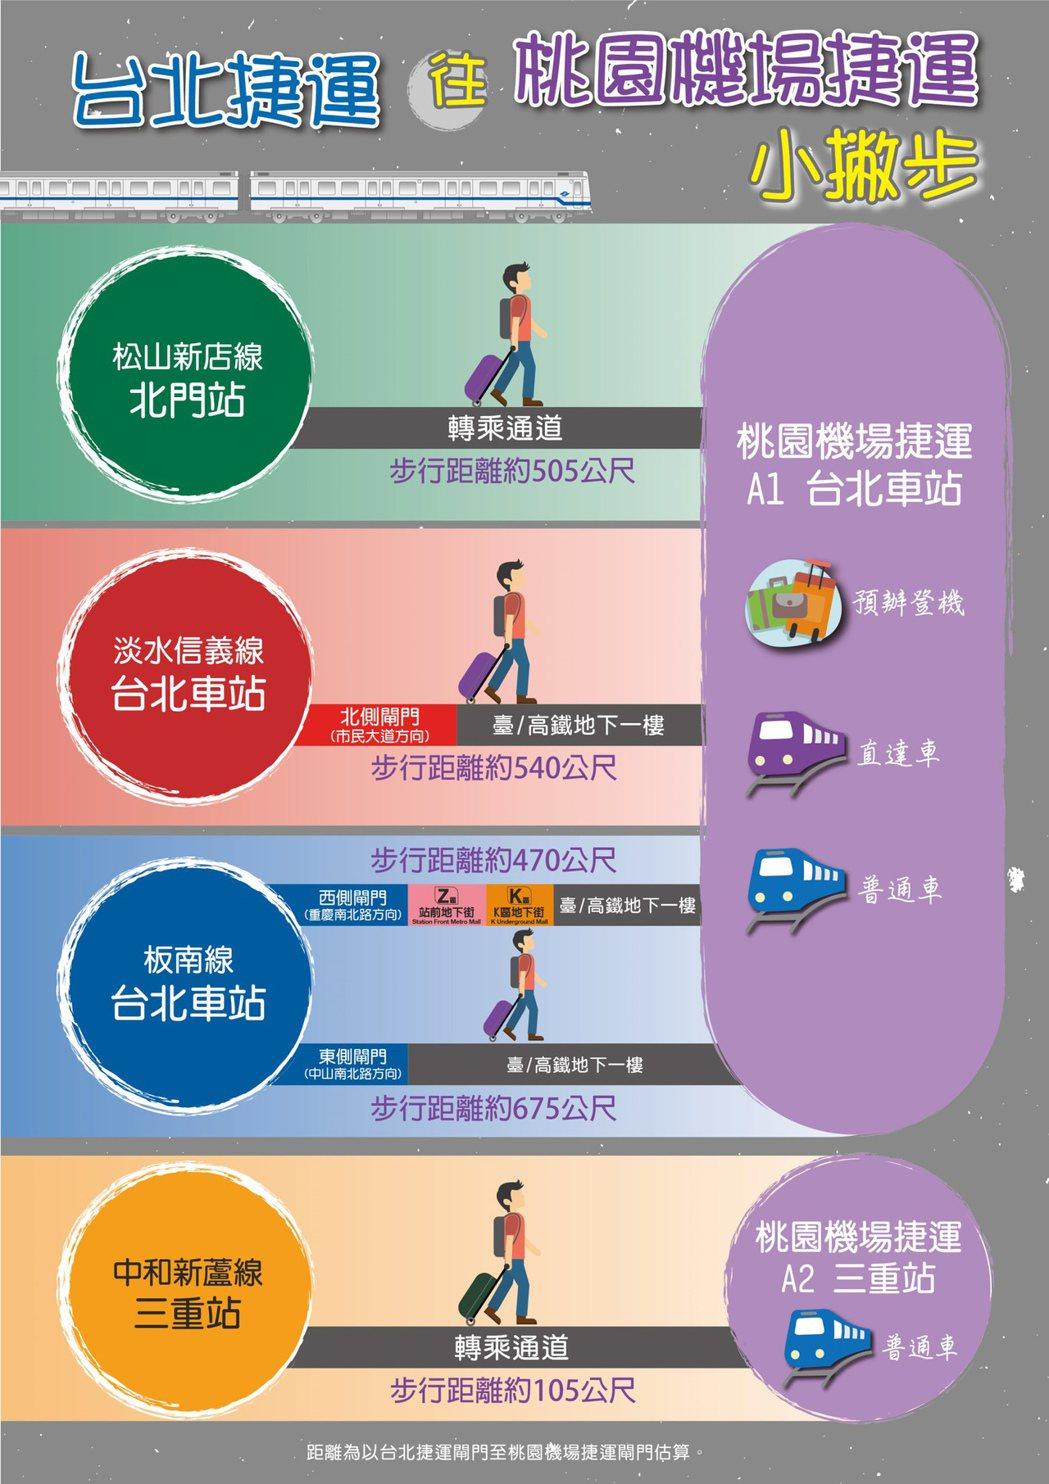 機場捷運2日起試營運,台北捷運製作導引圖卡。 北捷提供